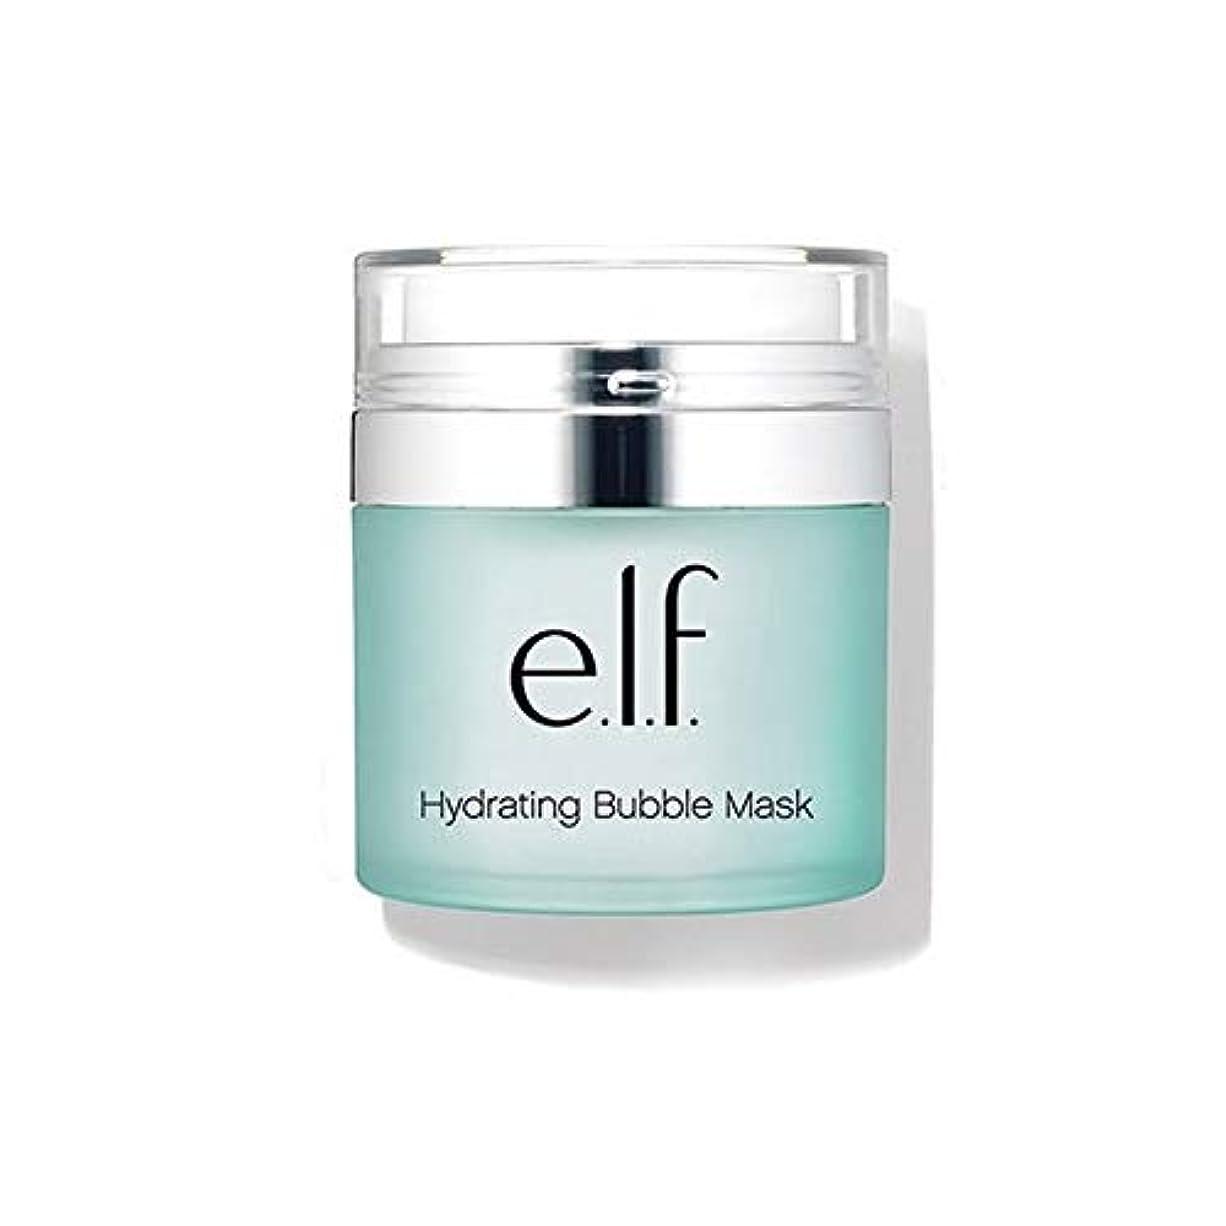 パトロール教育宙返り[Elf] エルフ。水和バブルフェイスマスク50グラム - e.l.f. Hydrating Bubble Face Mask 50g [並行輸入品]